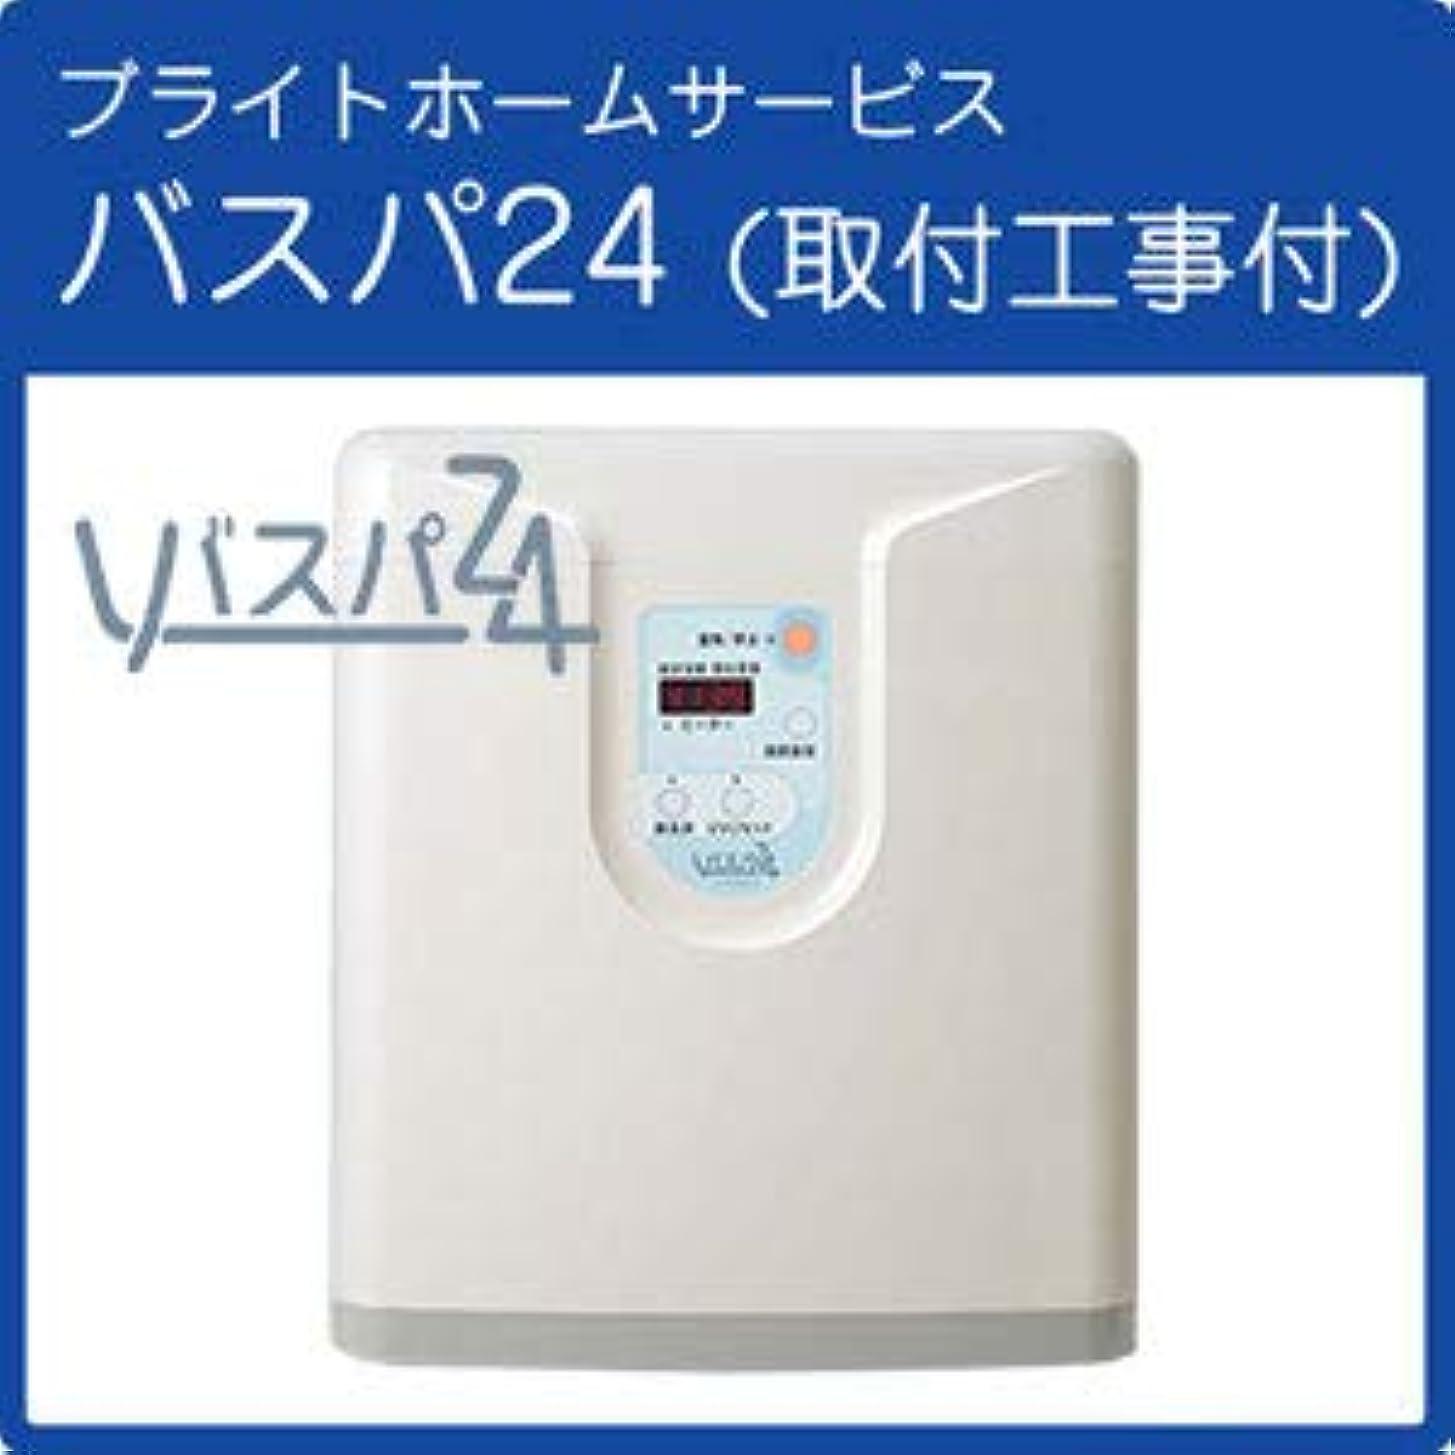 けがをする黙前提条件ブライトホームサービス 24時間風呂 循環温浴器 バスパ24 BHS-02B お取付工事付